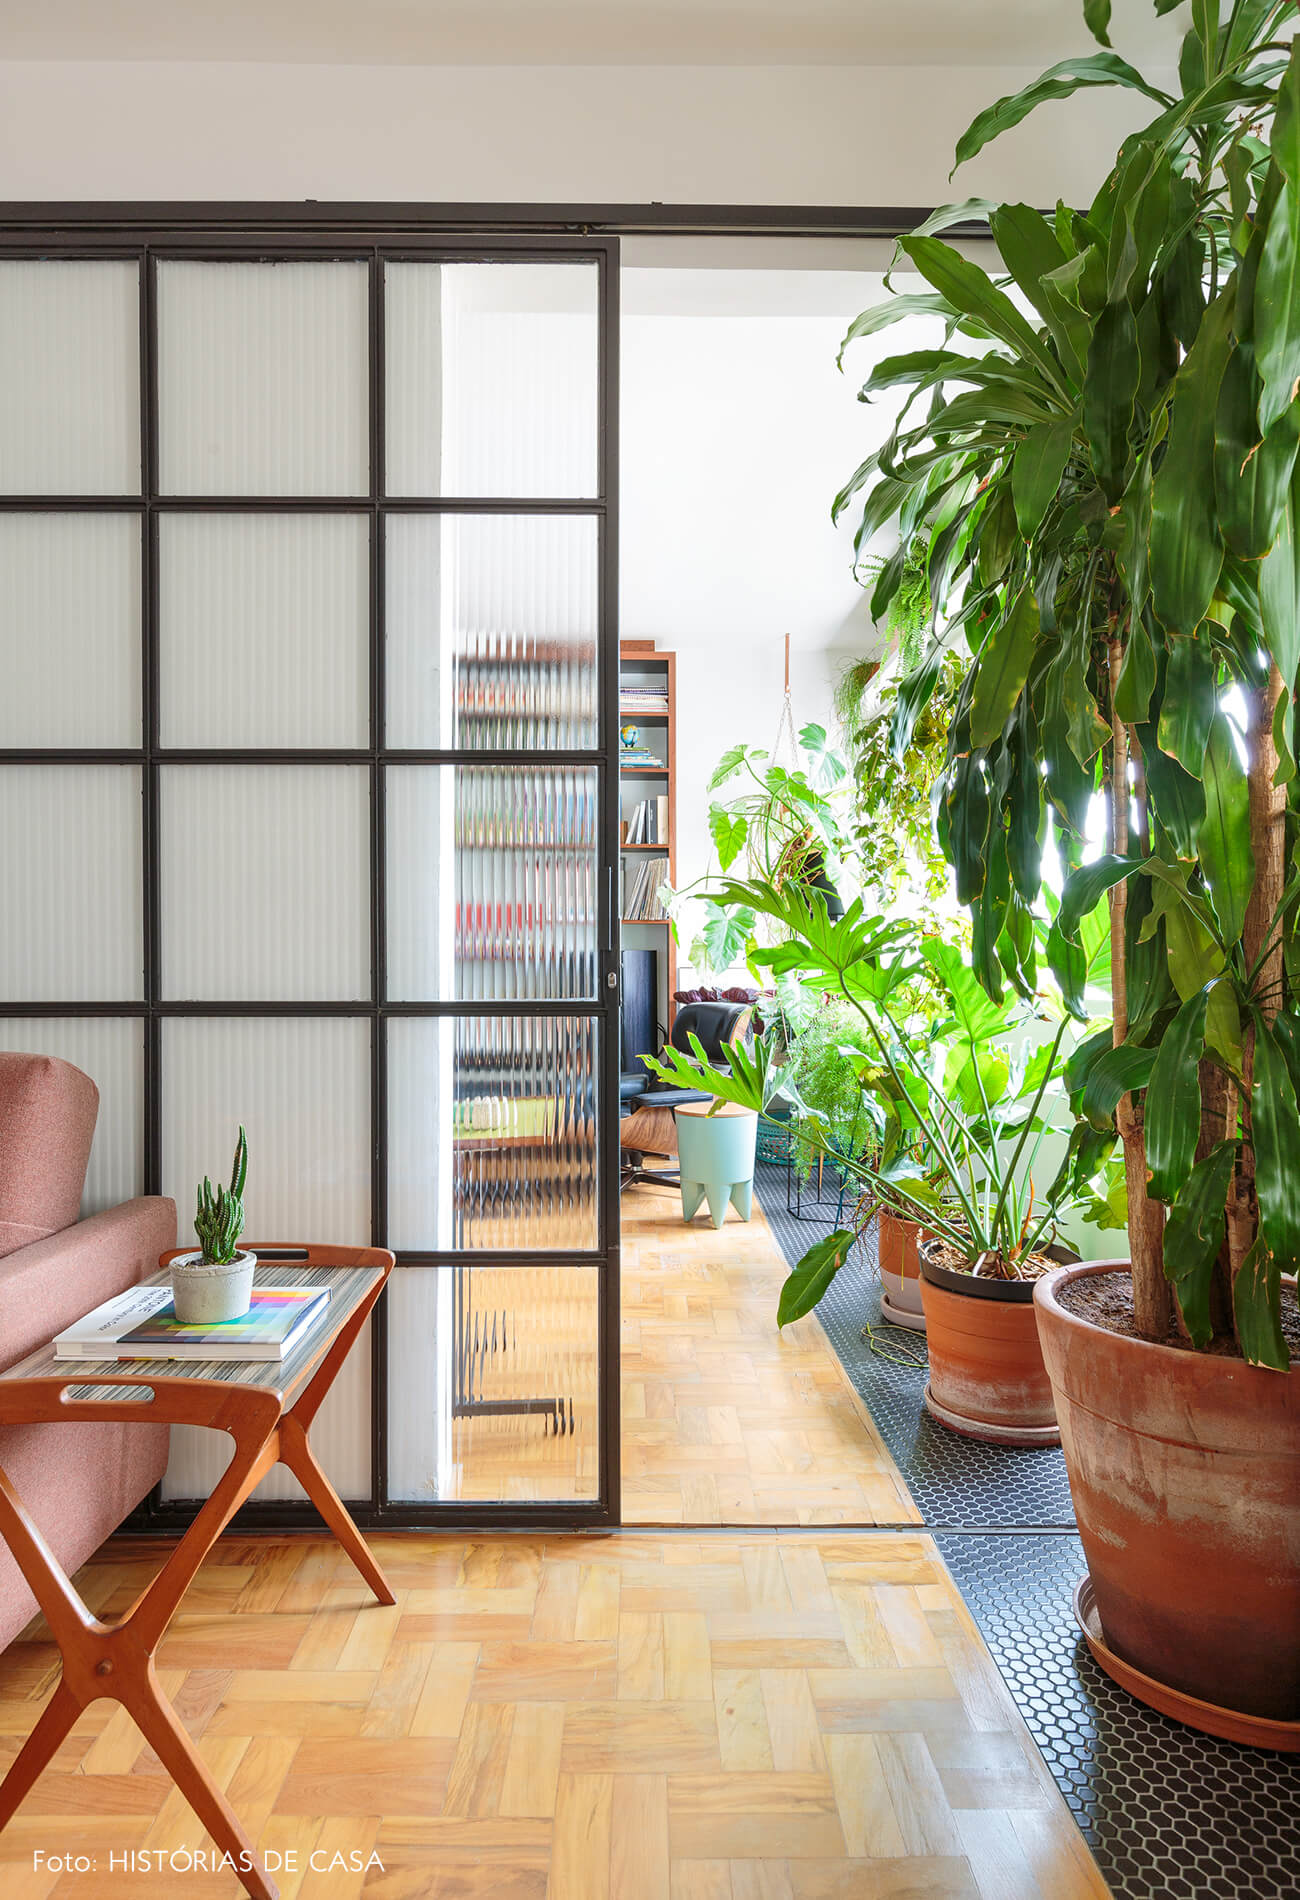 escritorio-com-porta-de-vidro-e-plantas